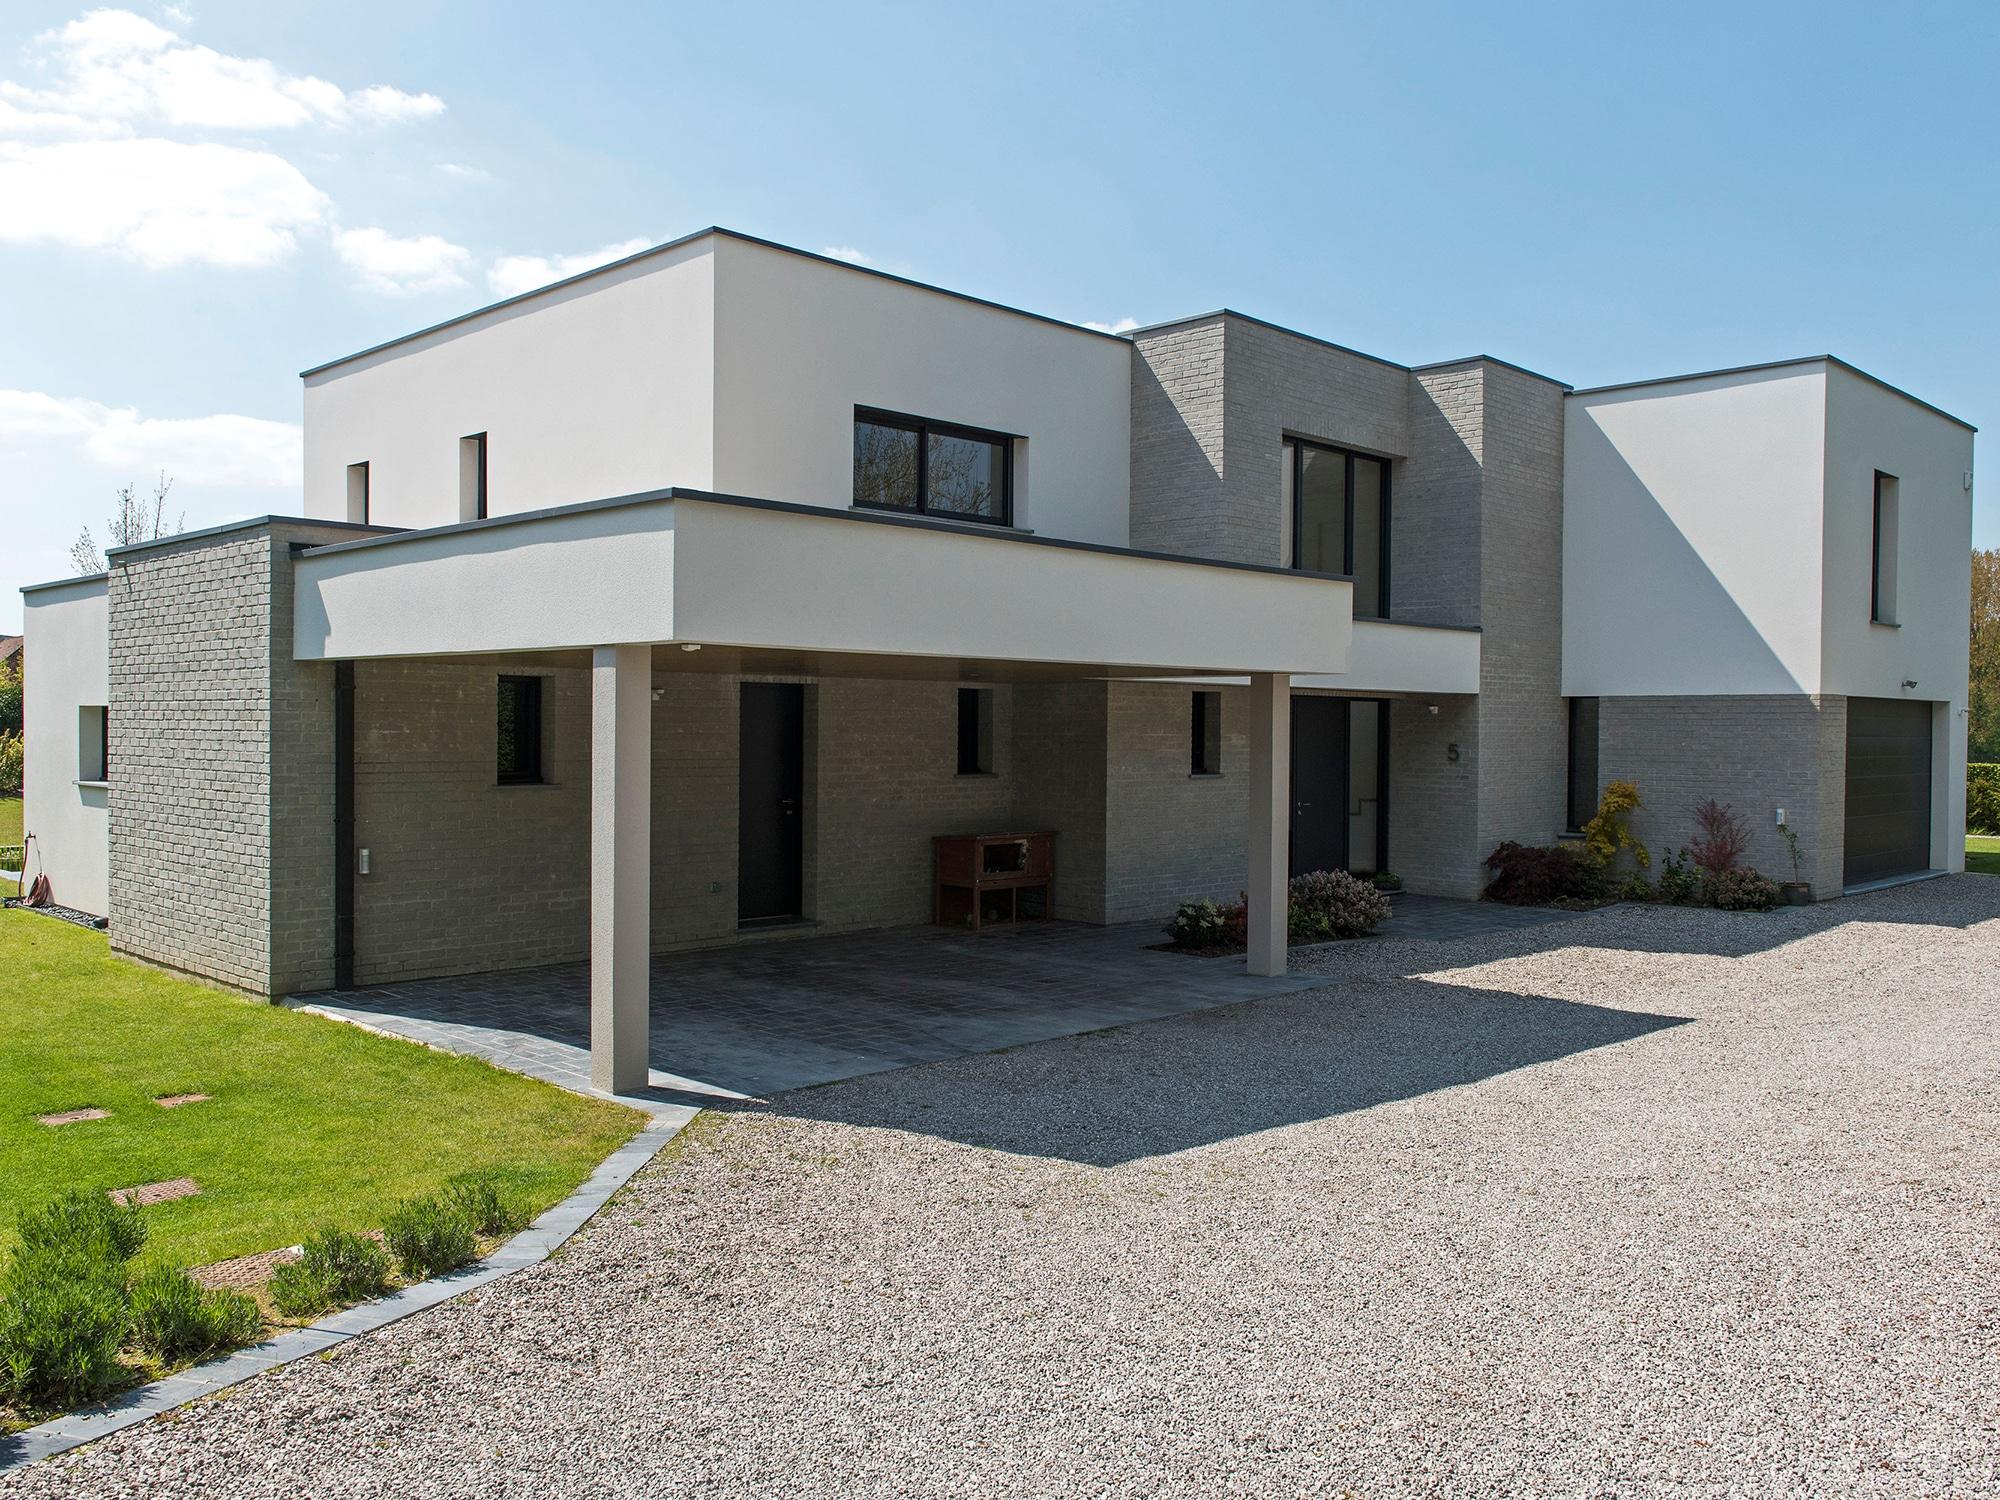 Maison Cubique Enduit Et Briques Grises